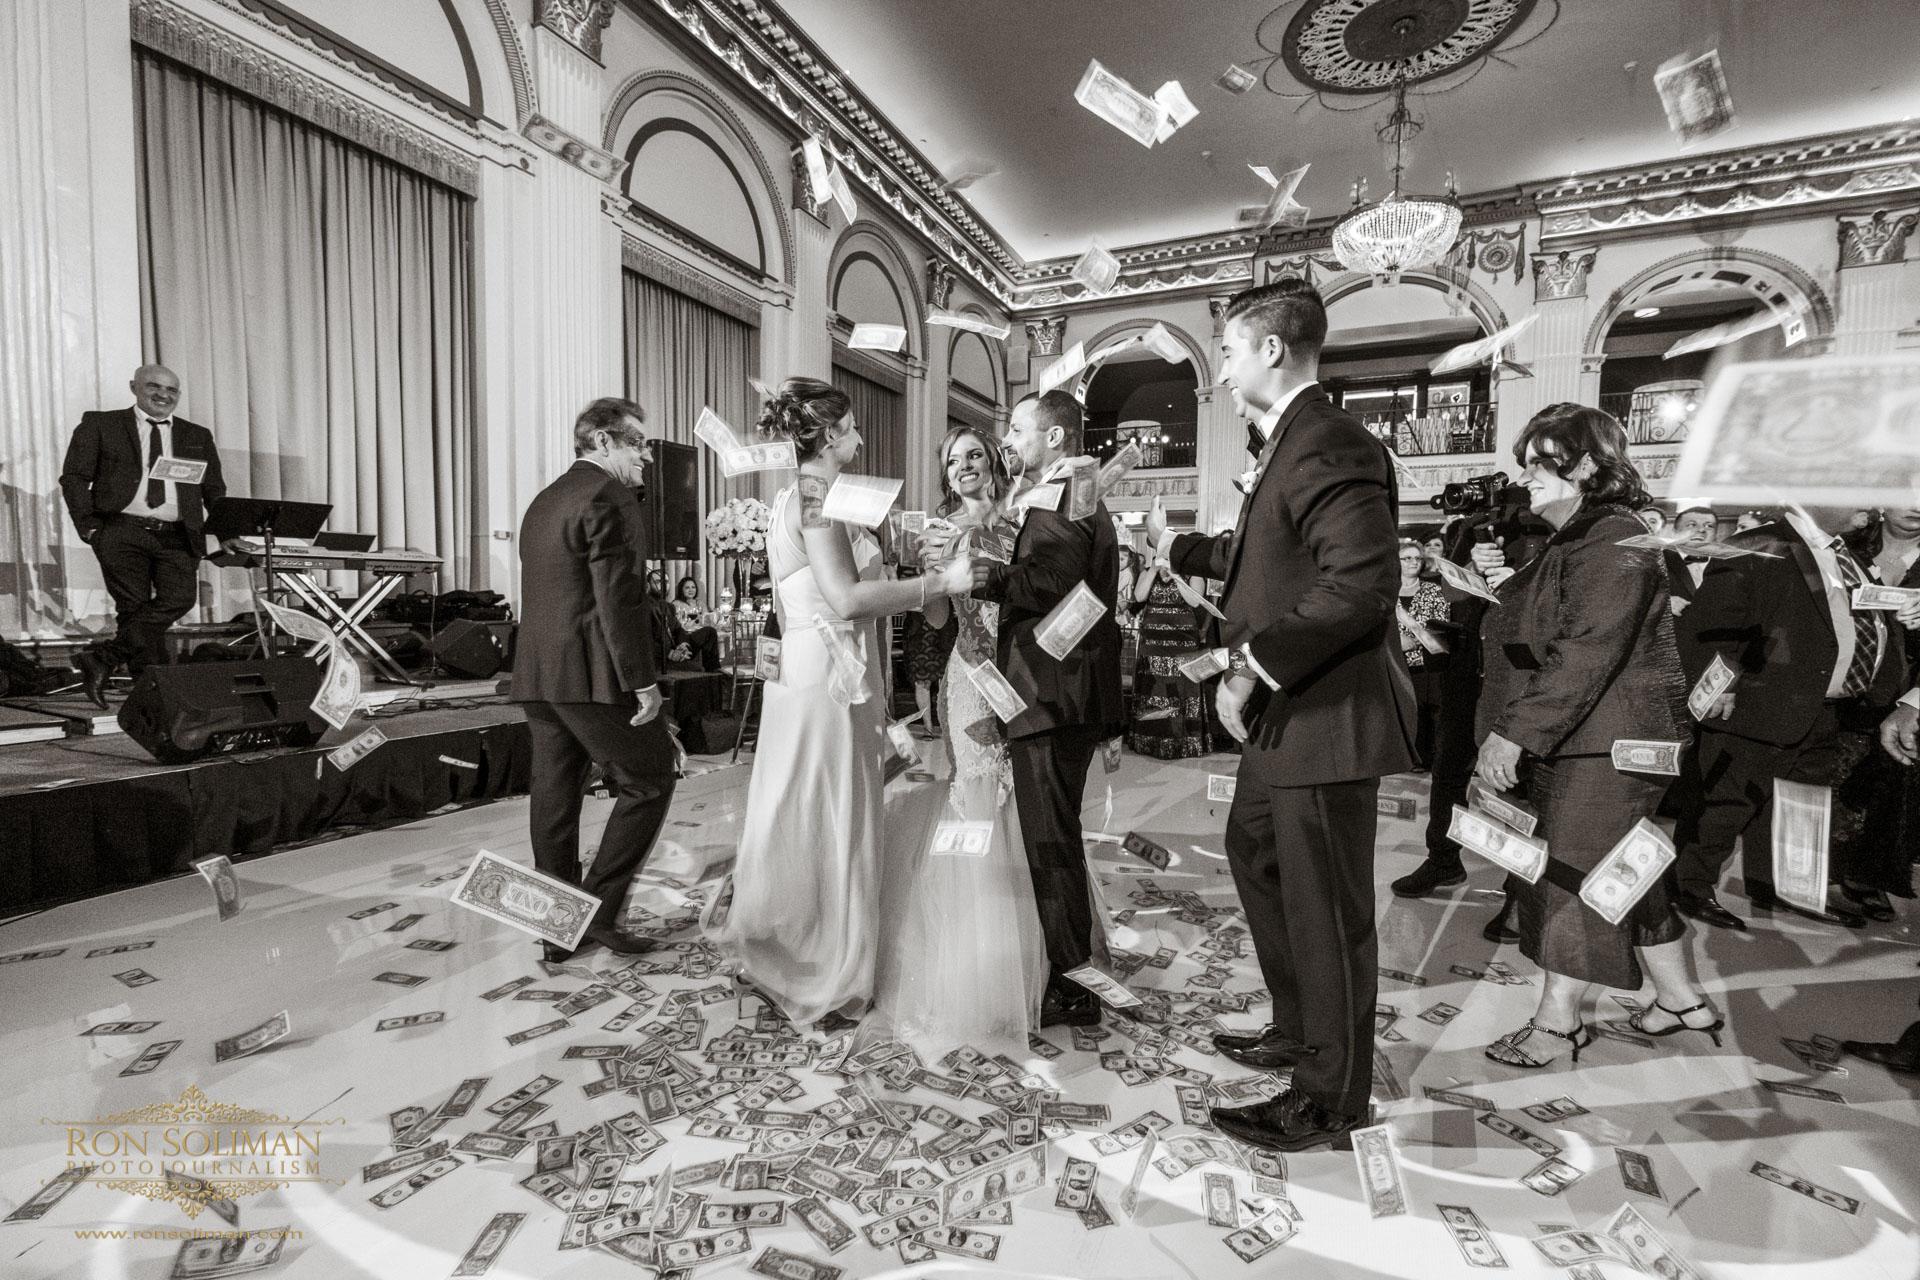 BALLROOM AT THE BEN WEDDING AG 33